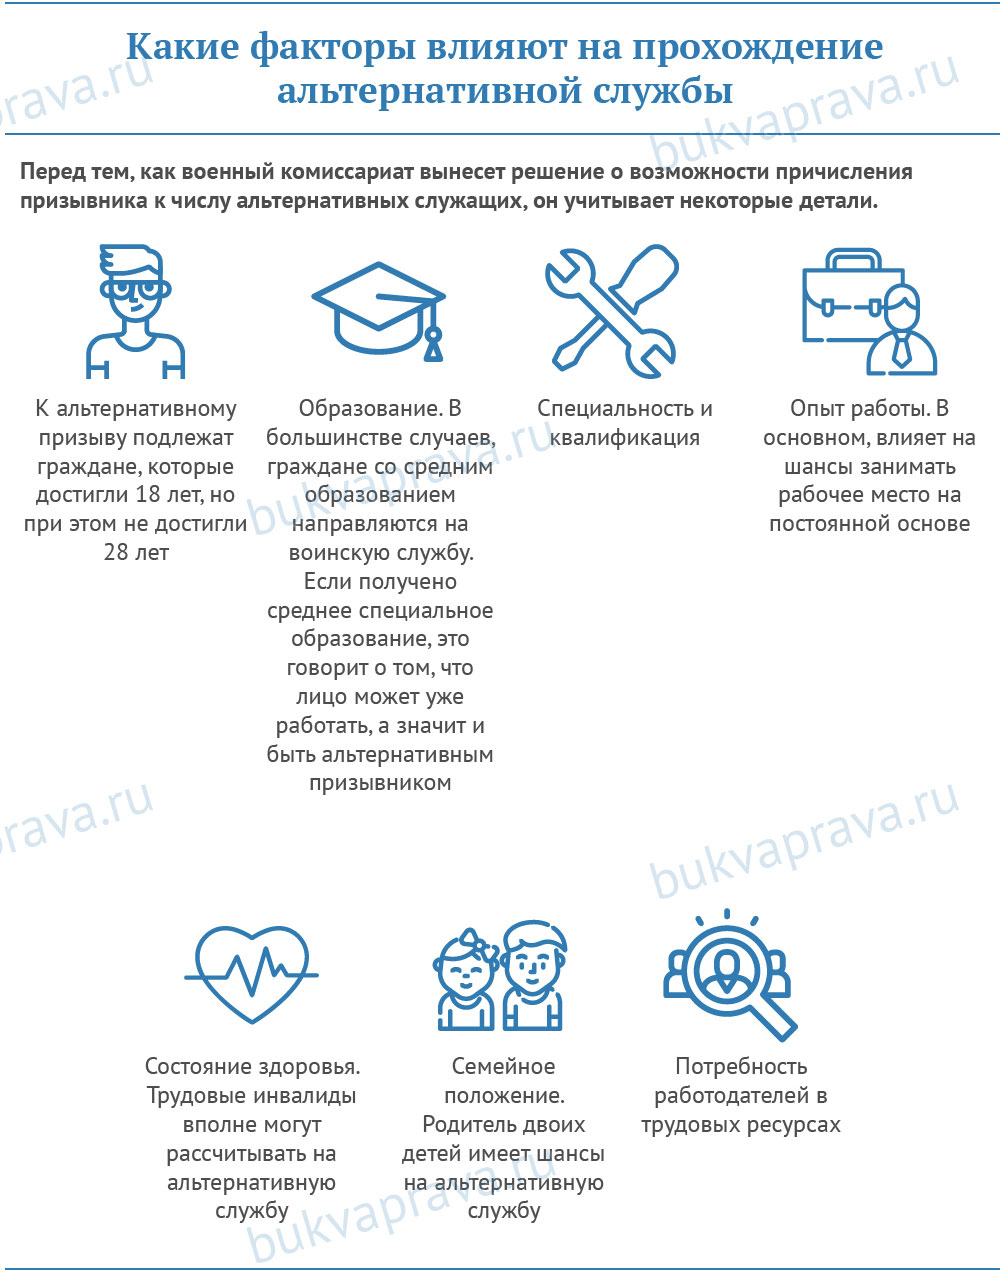 kakie-faktory-vliyayut-na-prohozhdenie-alternativnoj-sluzhby